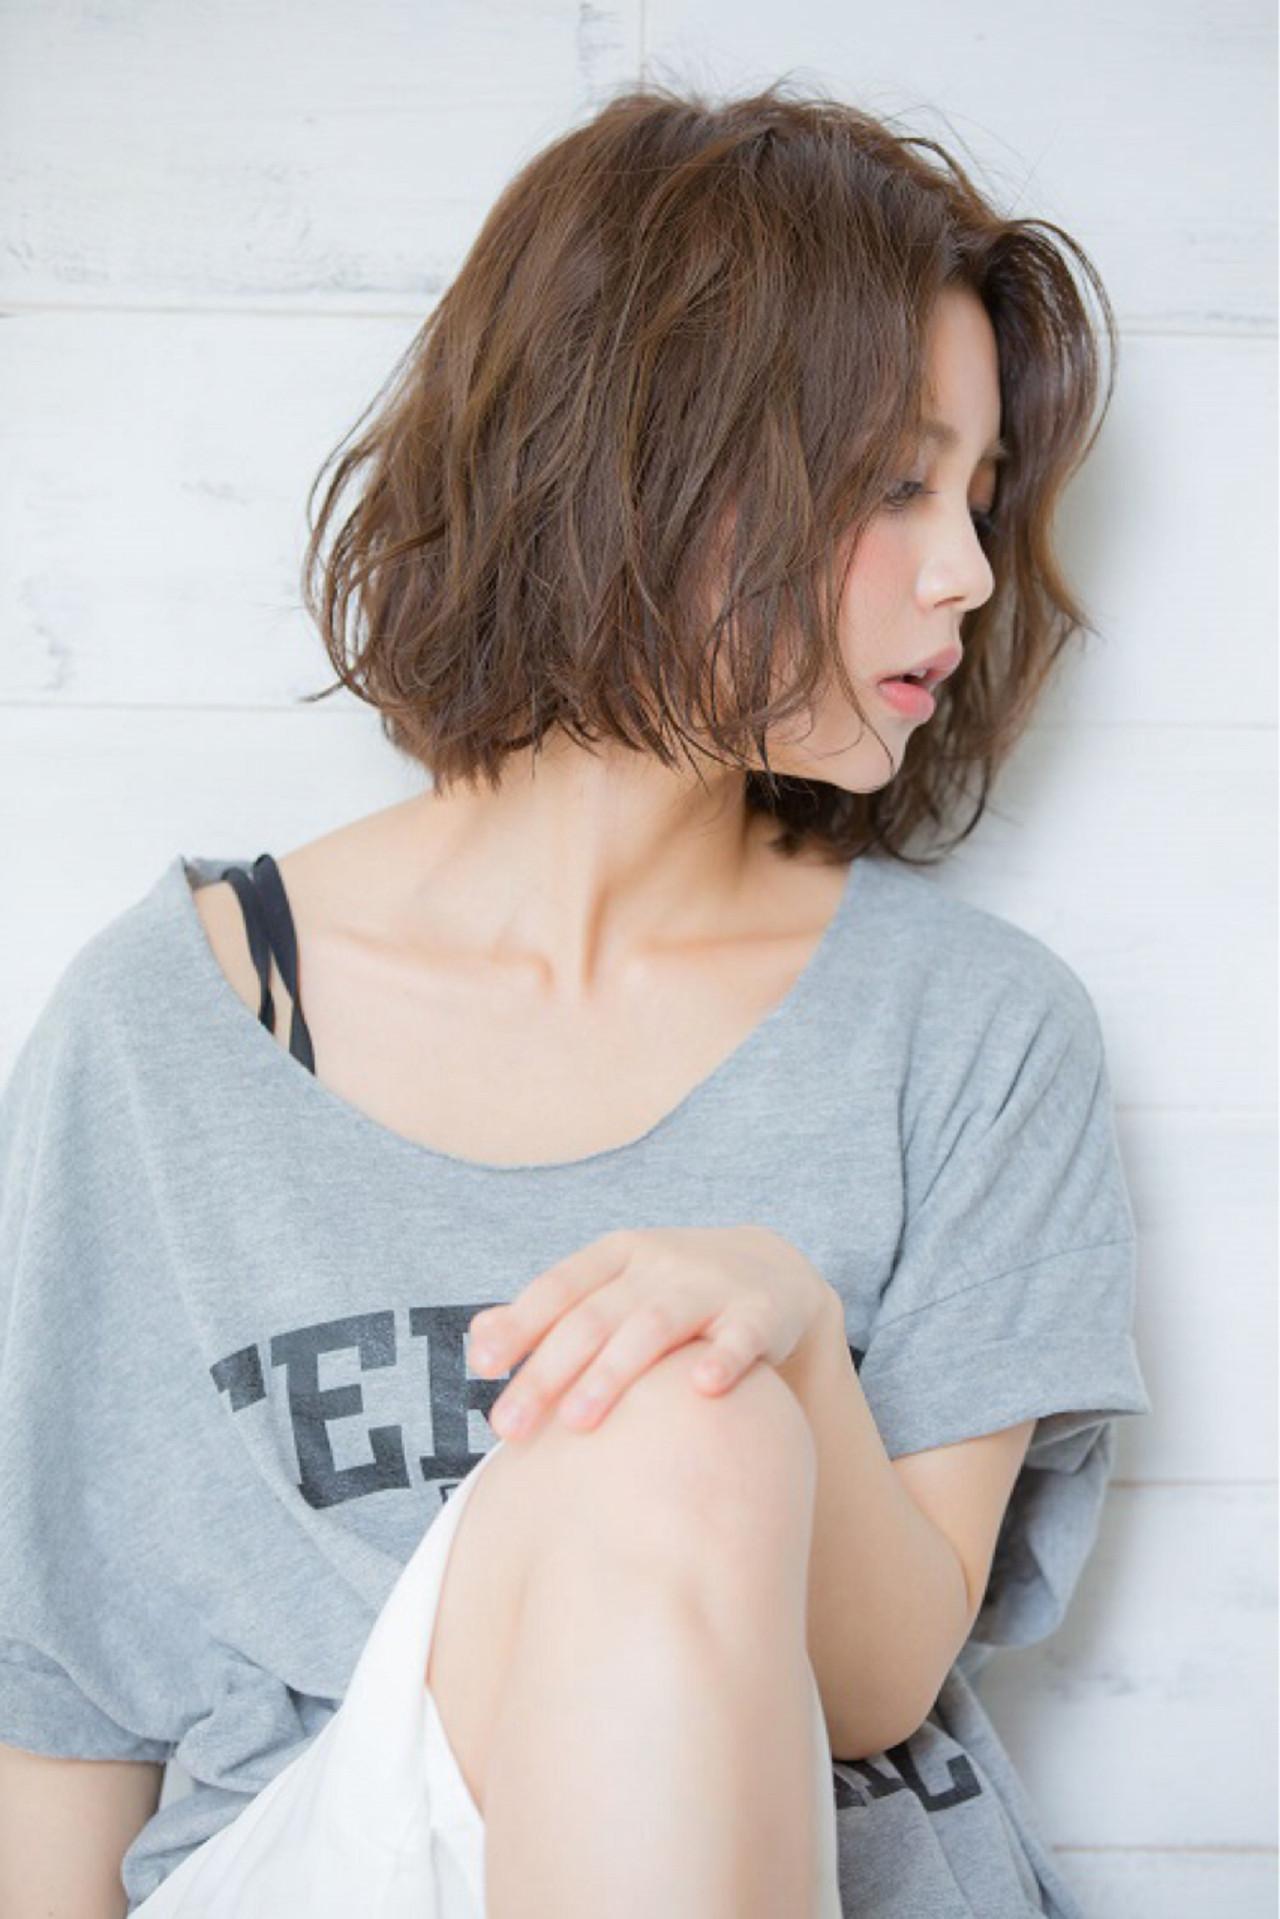 """""""ツヤ""""があなたのモテ度をあげてくれる・・・!?大人のためのモテテクニック♡ 眞鳥康史 / joemi by Un ami"""